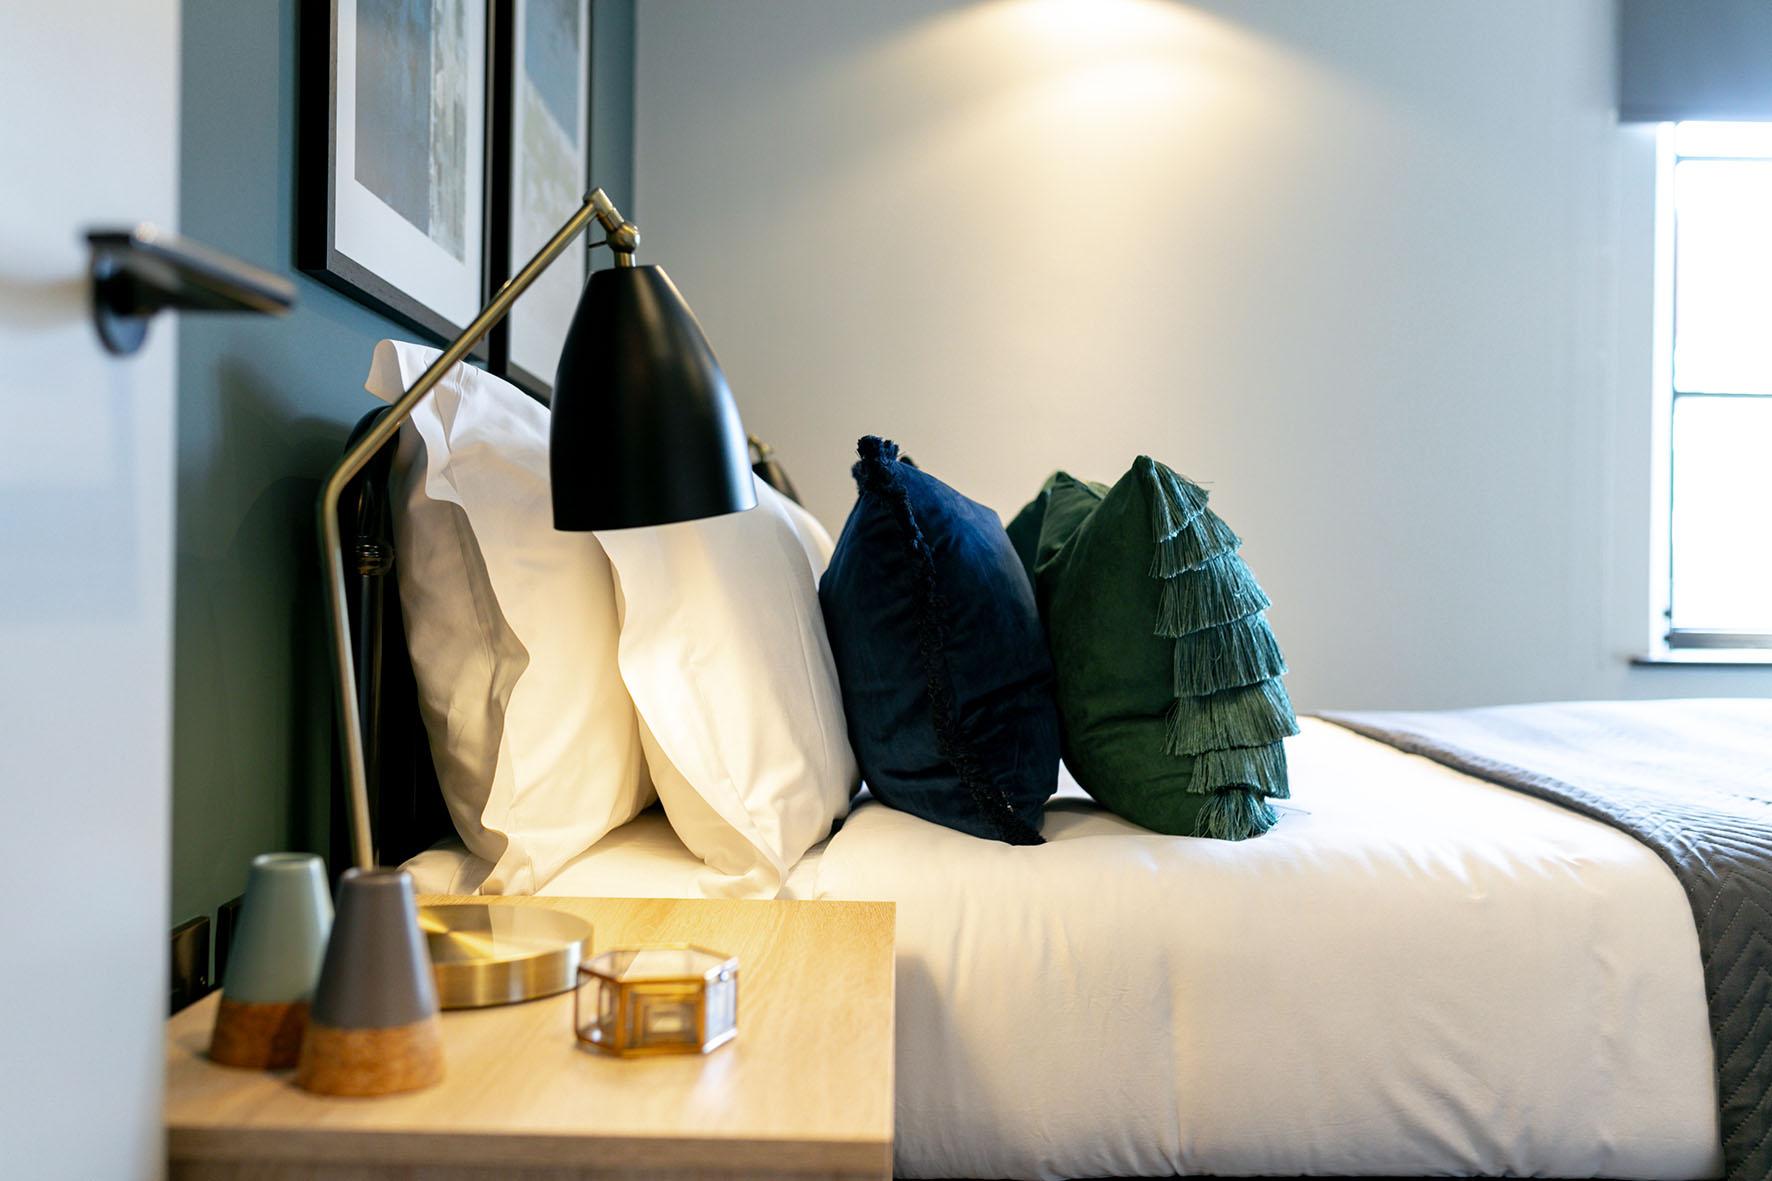 Lovelydays luxury service apartment rental - London - Soho - Noel Street VI - Lovelysuite - 2 bedrooms - 2 bathrooms - Reading lamps - 50e4491f0d1c - Lovelydays